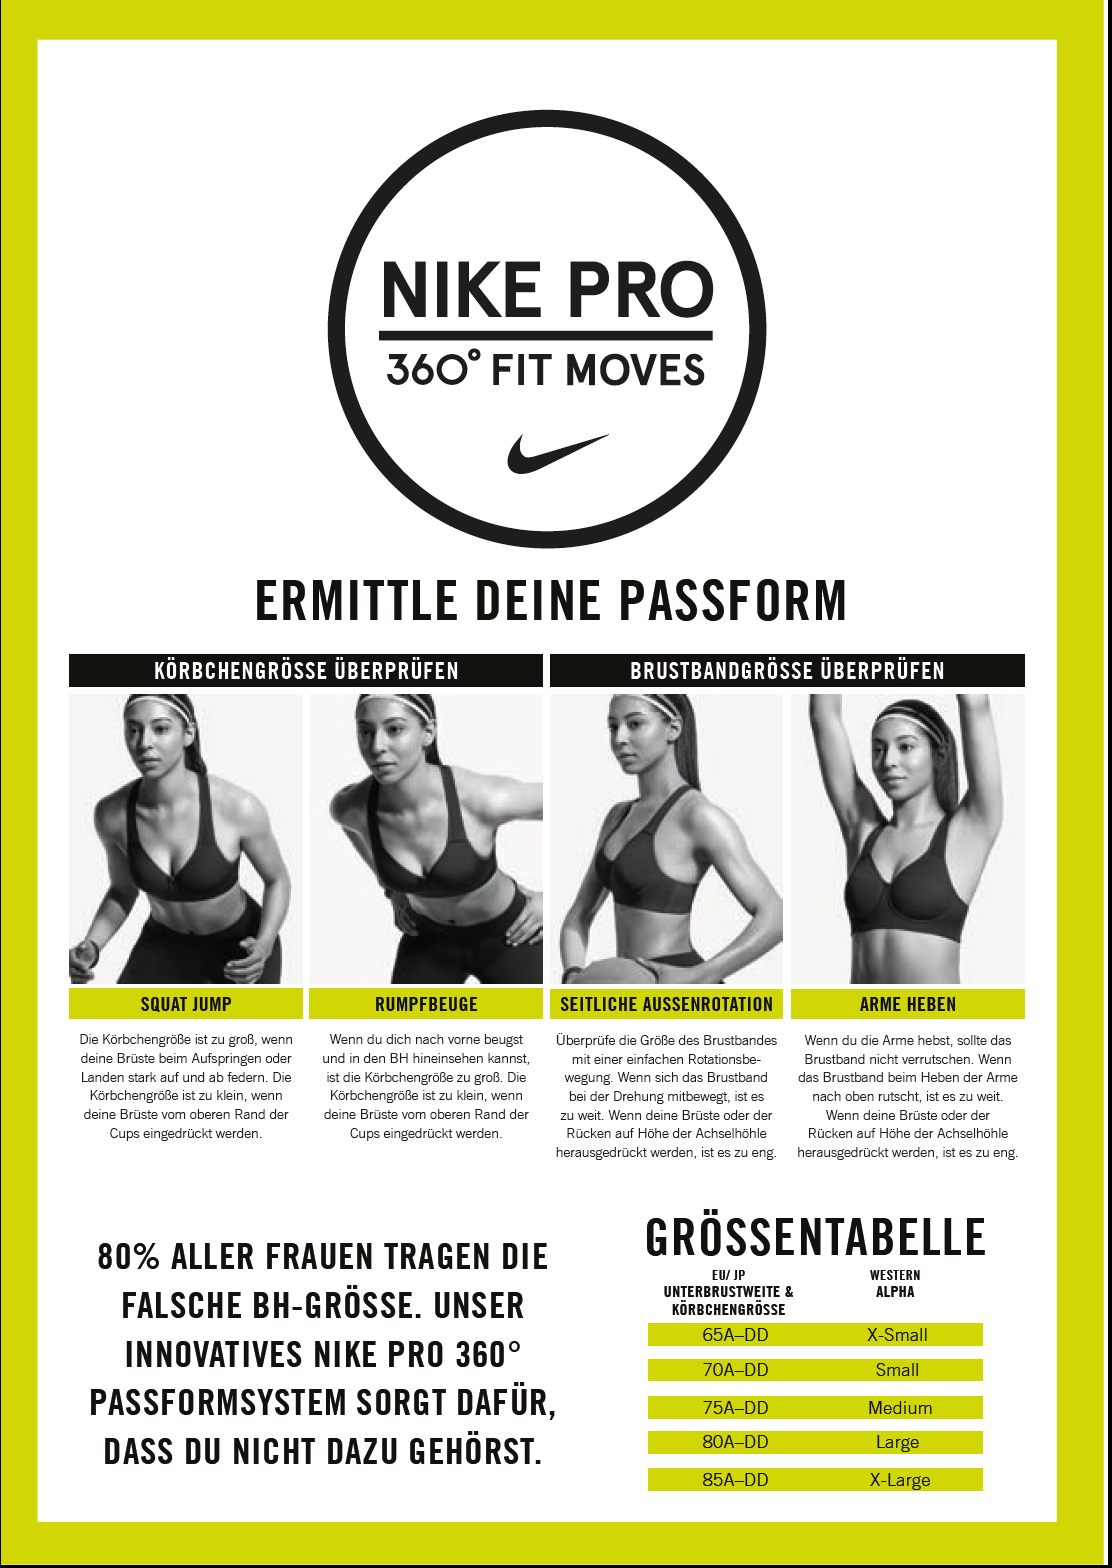 Perfekte Passform mit Nike Sportsbras